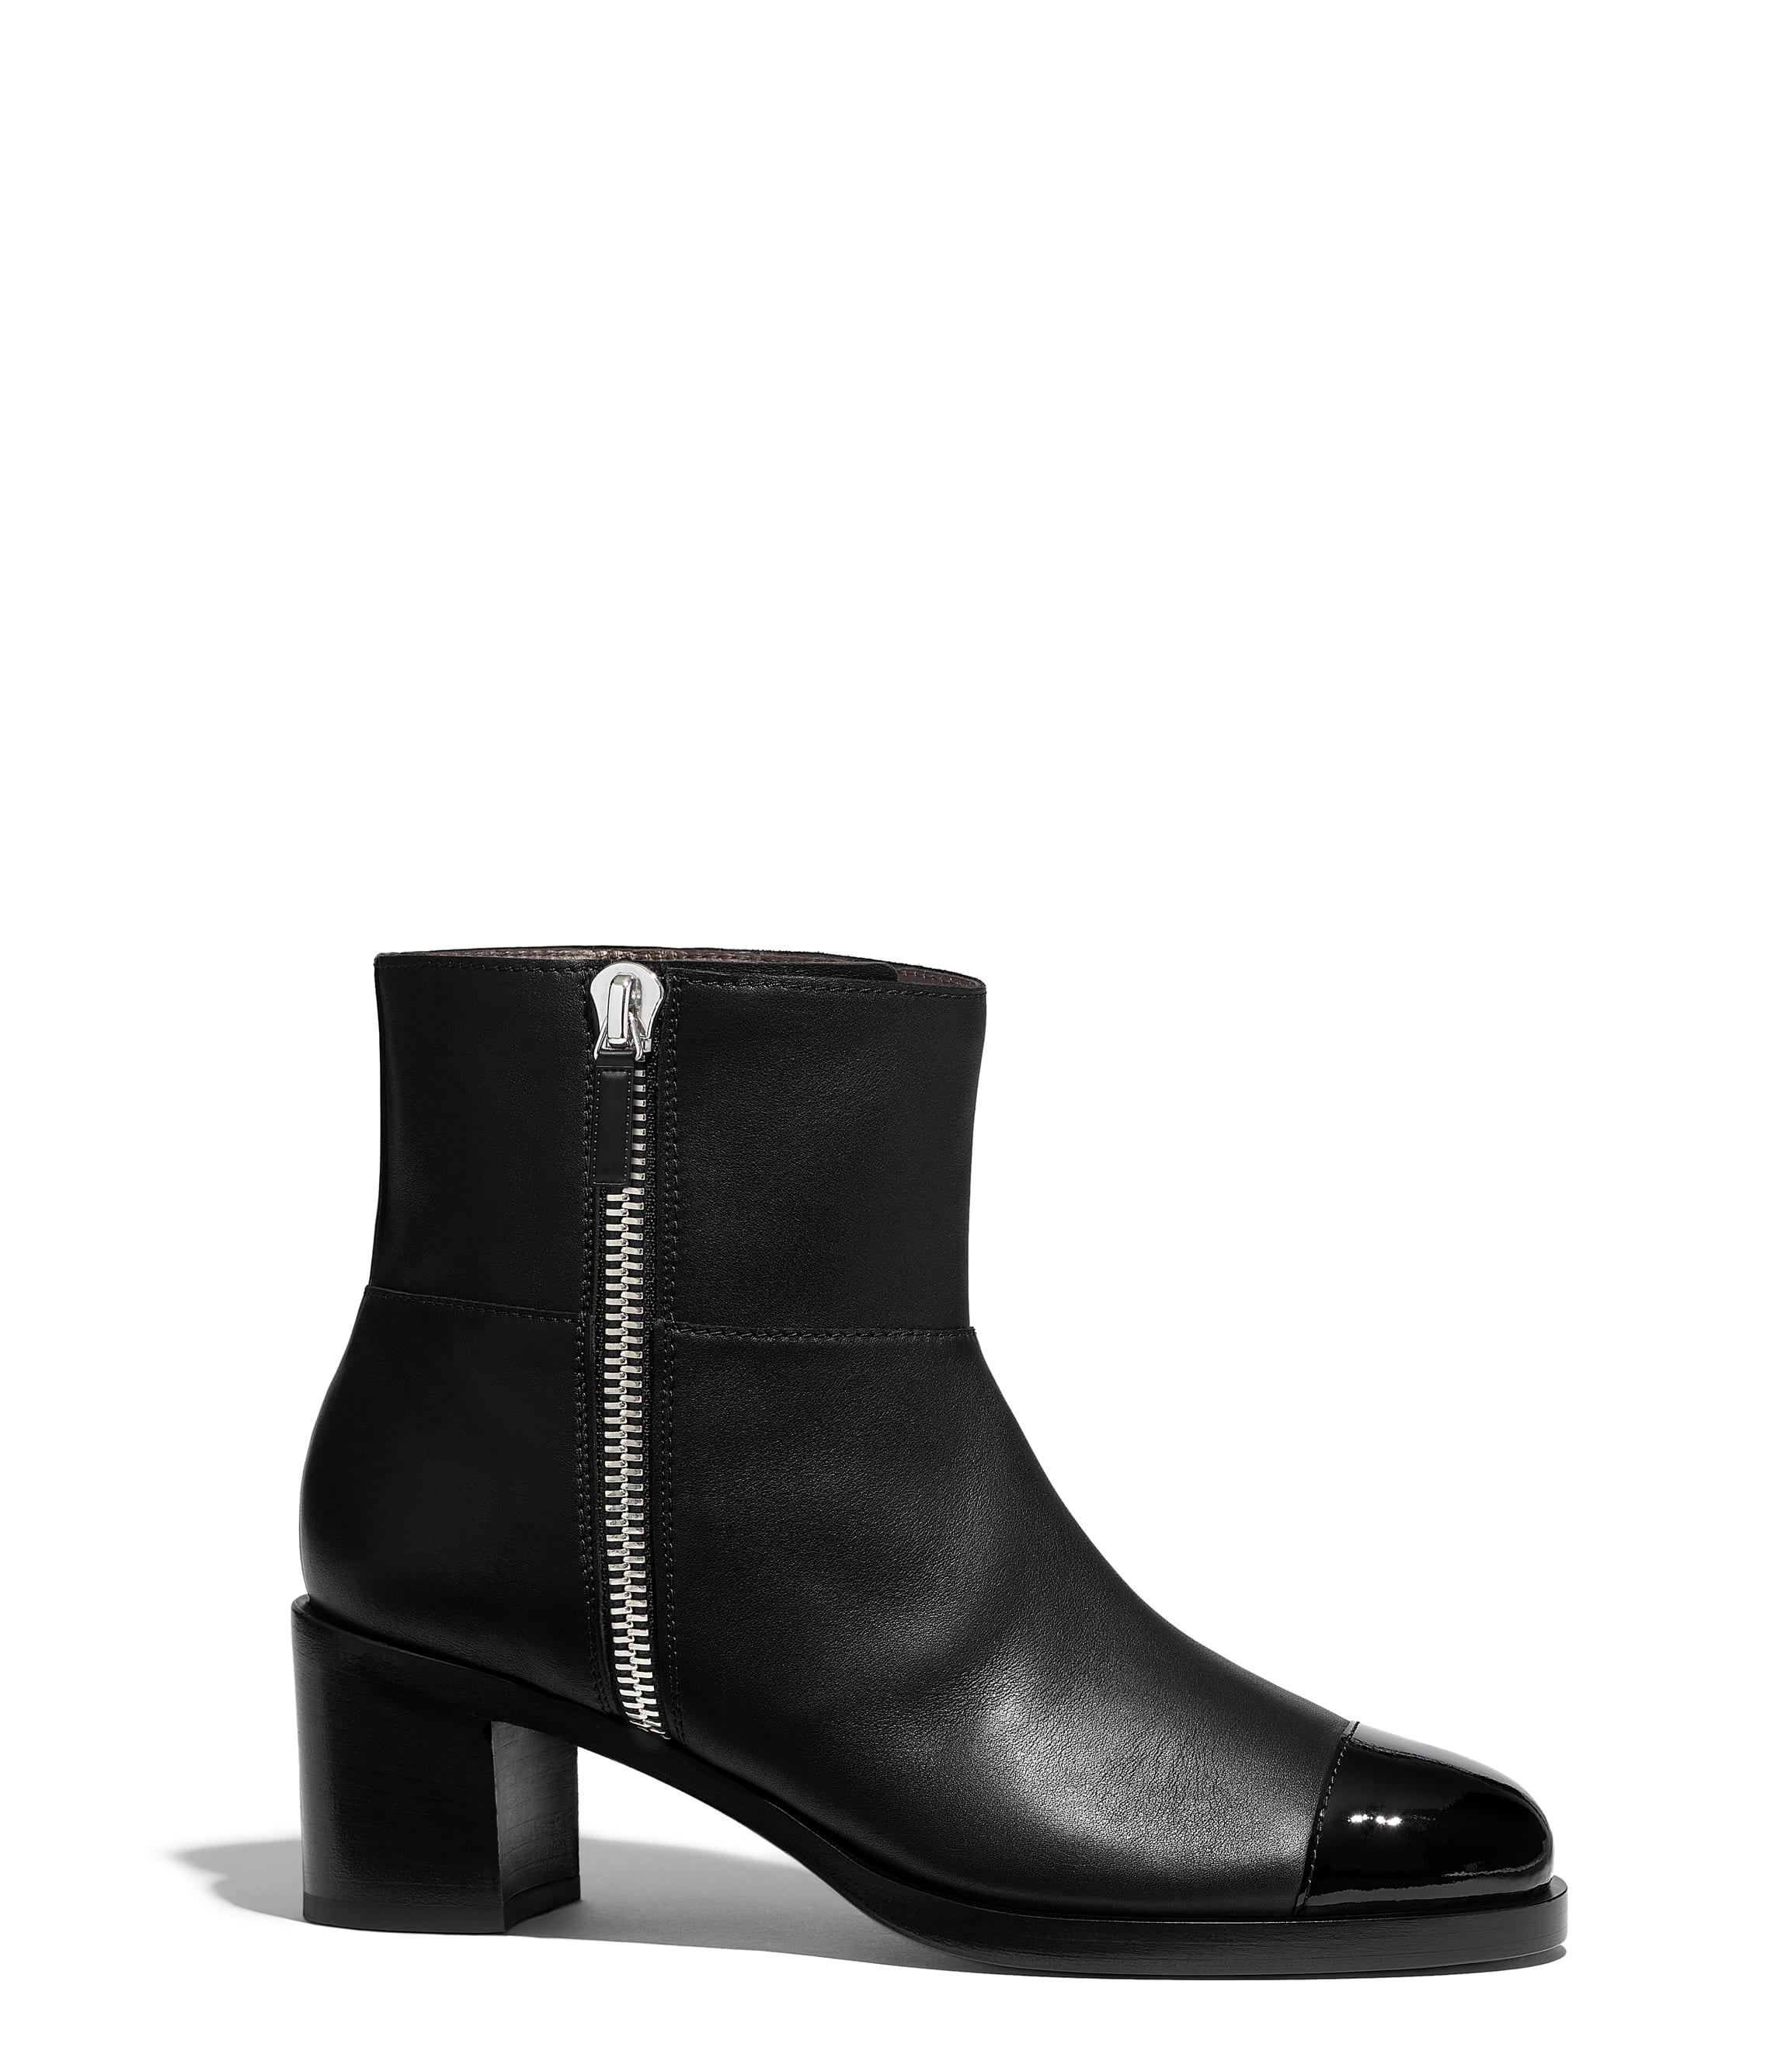 bf5c9d4d7d Schuhe - CHANEL